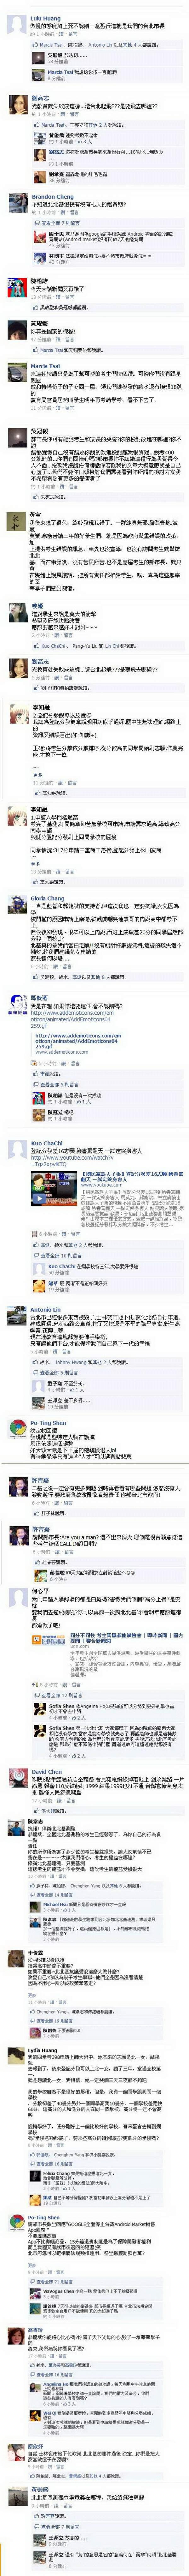 郝龍斌facebook-2011.06.28-01.jpg